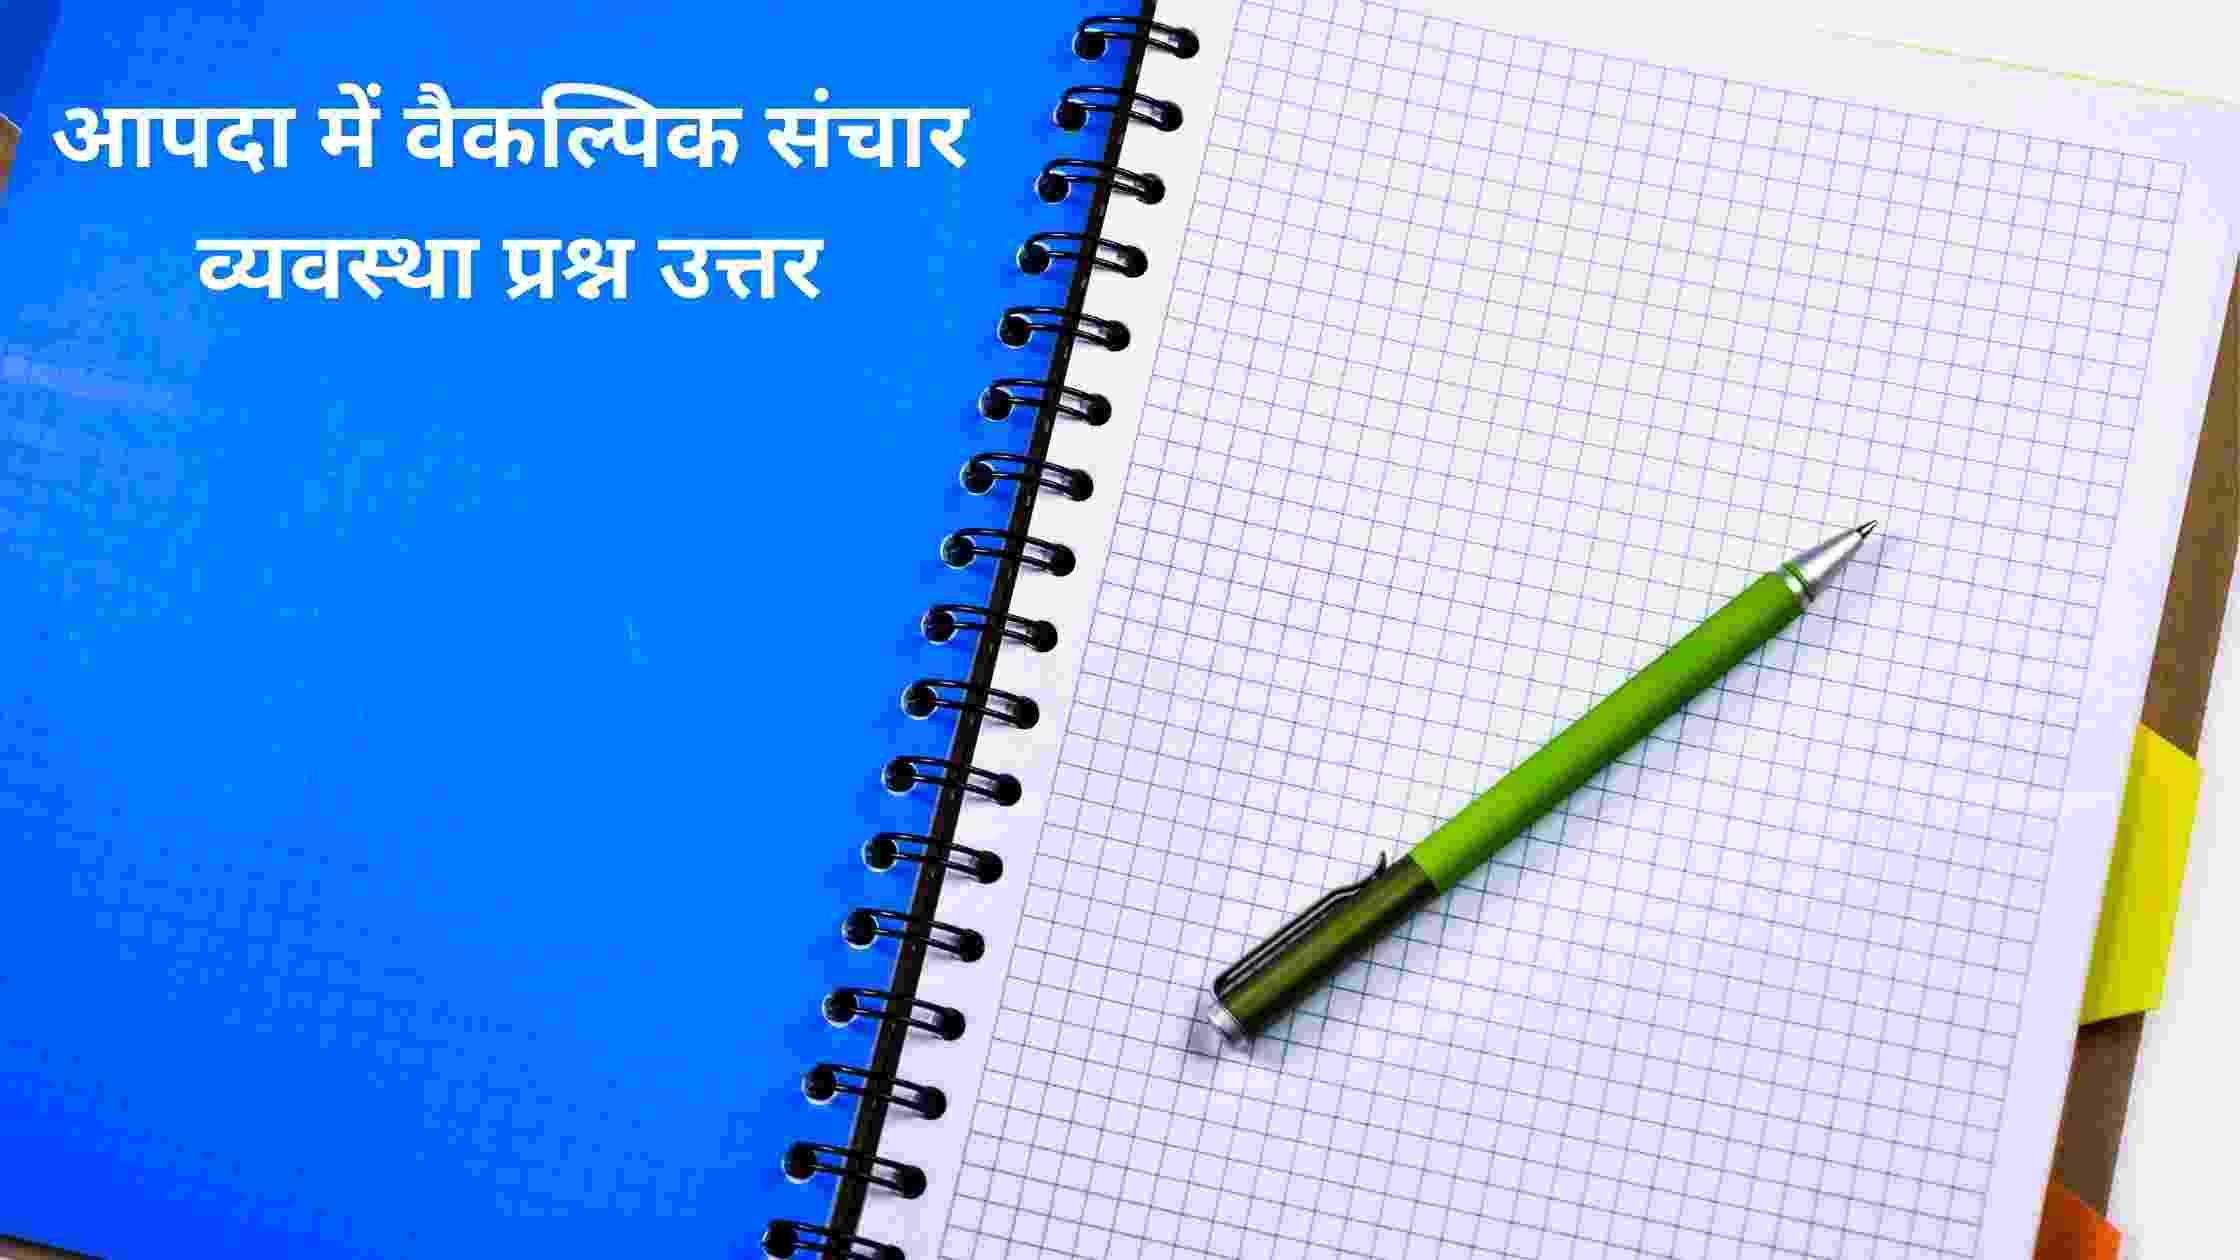 vaikalpik sanchar vyawstha prashn